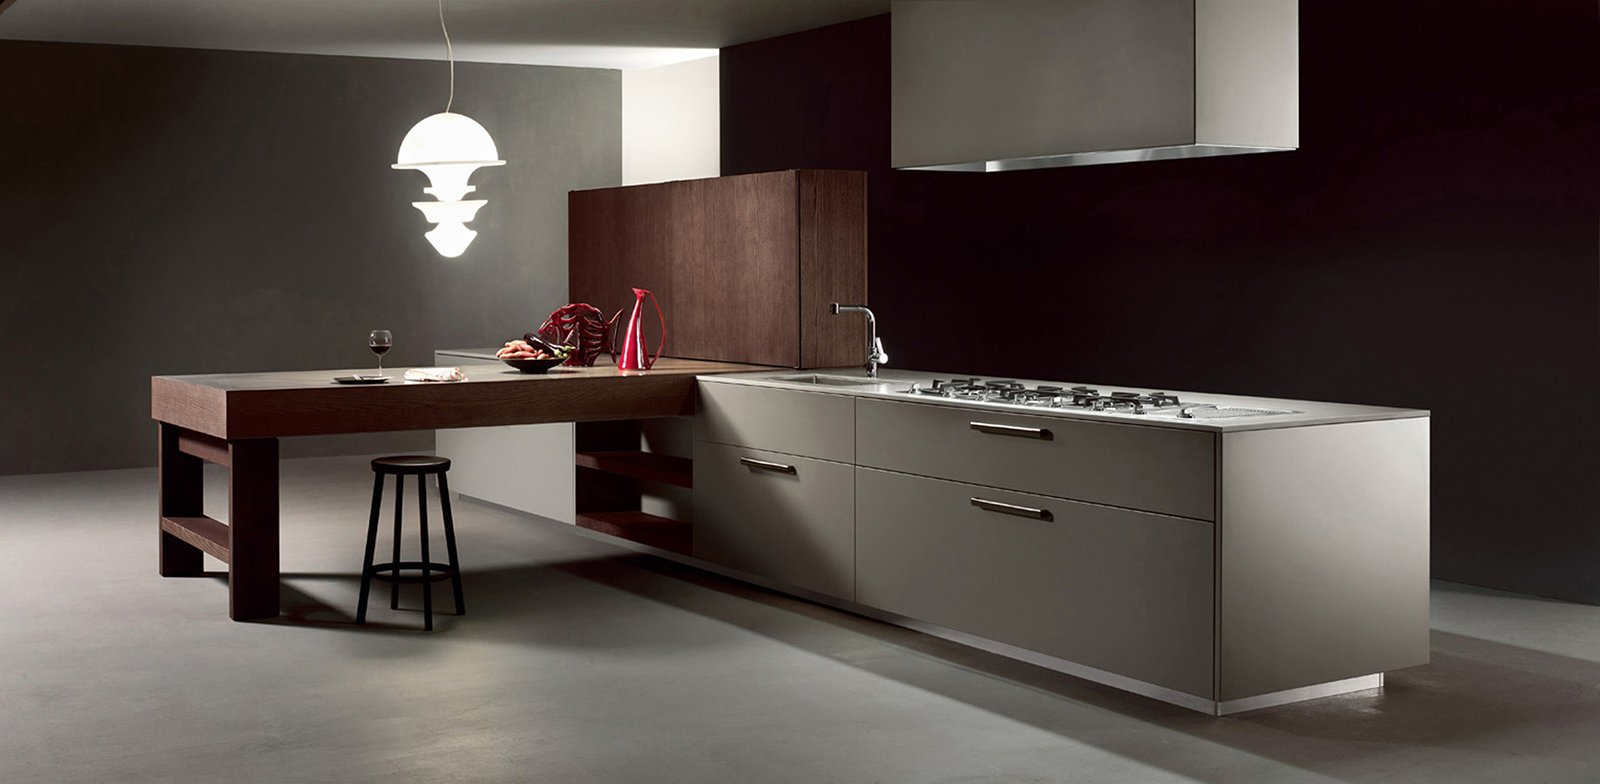 100+ [ Novit Cucine ] | Beautiful Cucine Da Ikea Pictures Ideas ...